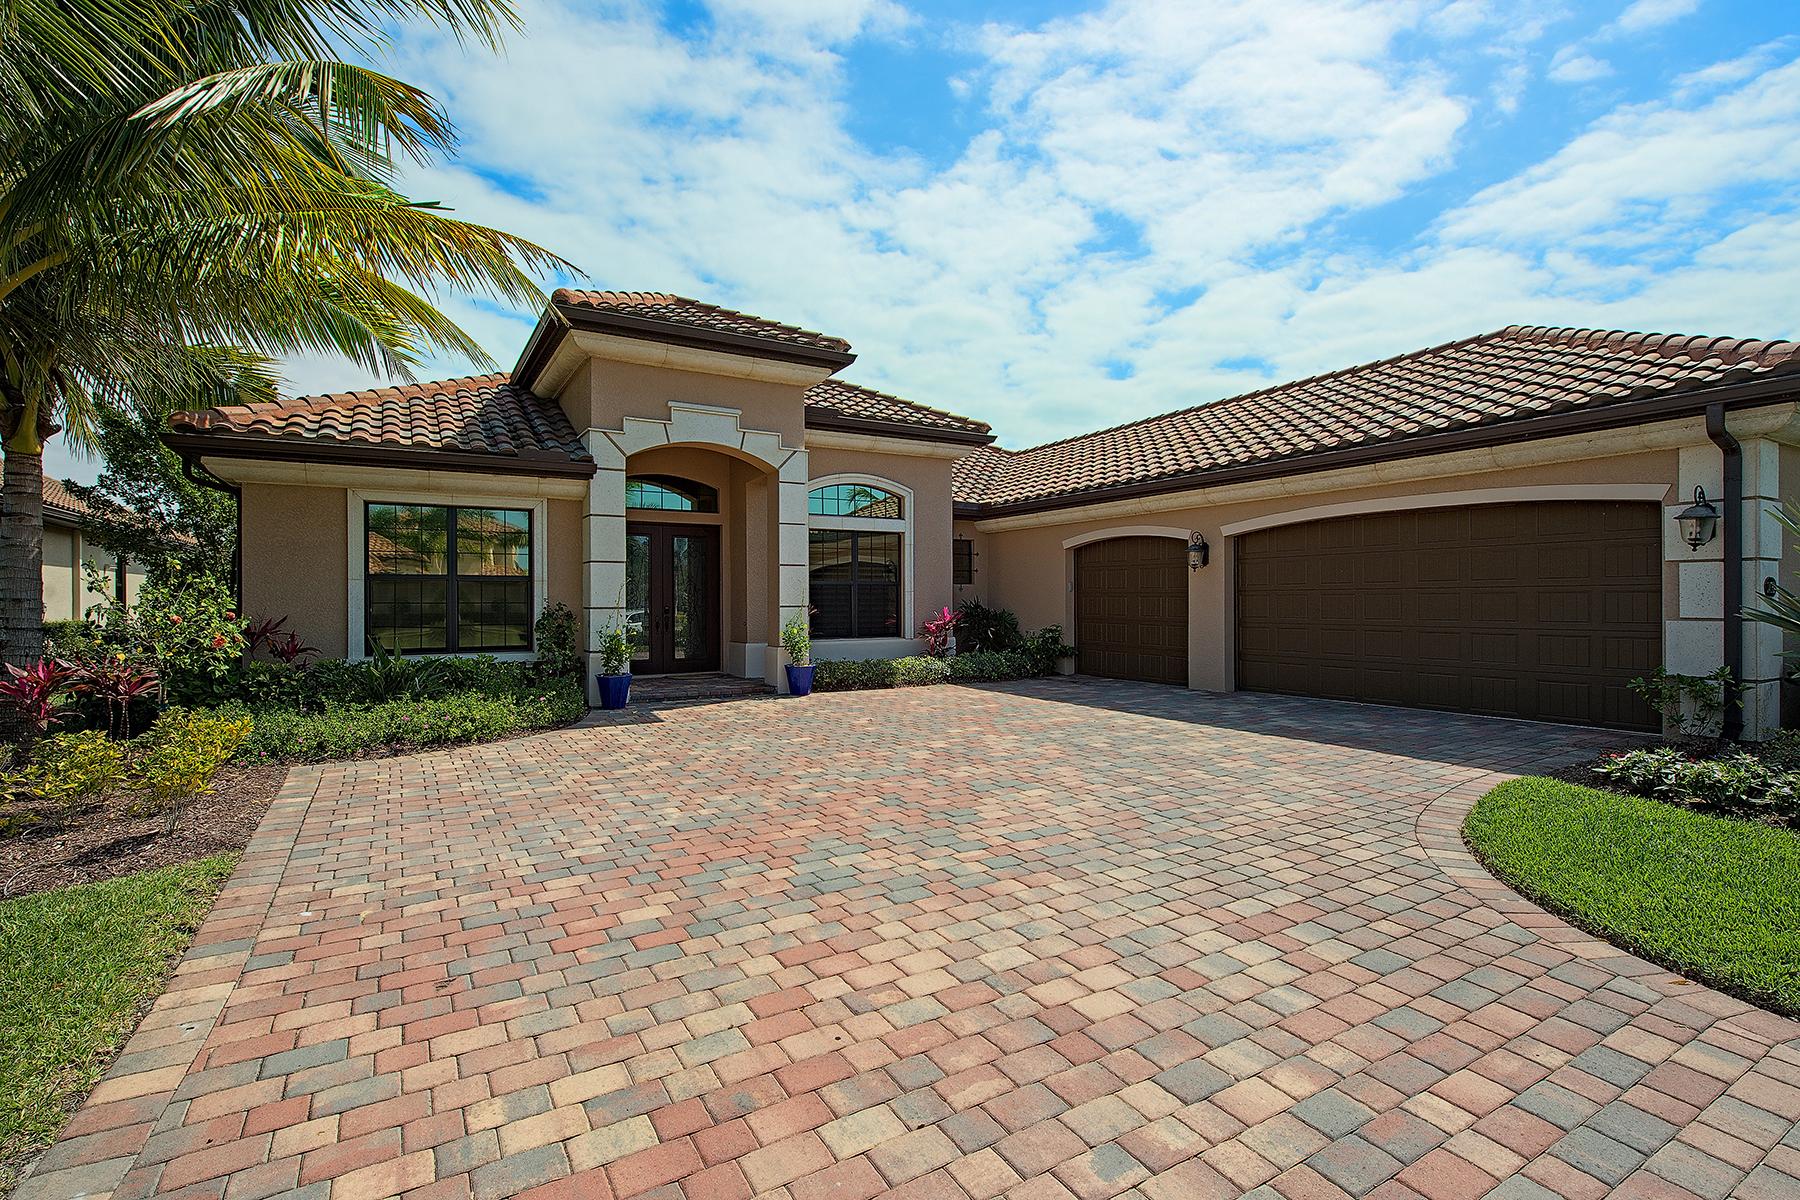 단독 가정 주택 용 매매 에 FIDDLERS CREEK 3418 Runaway Ct Naples, 플로리다, 34114 미국